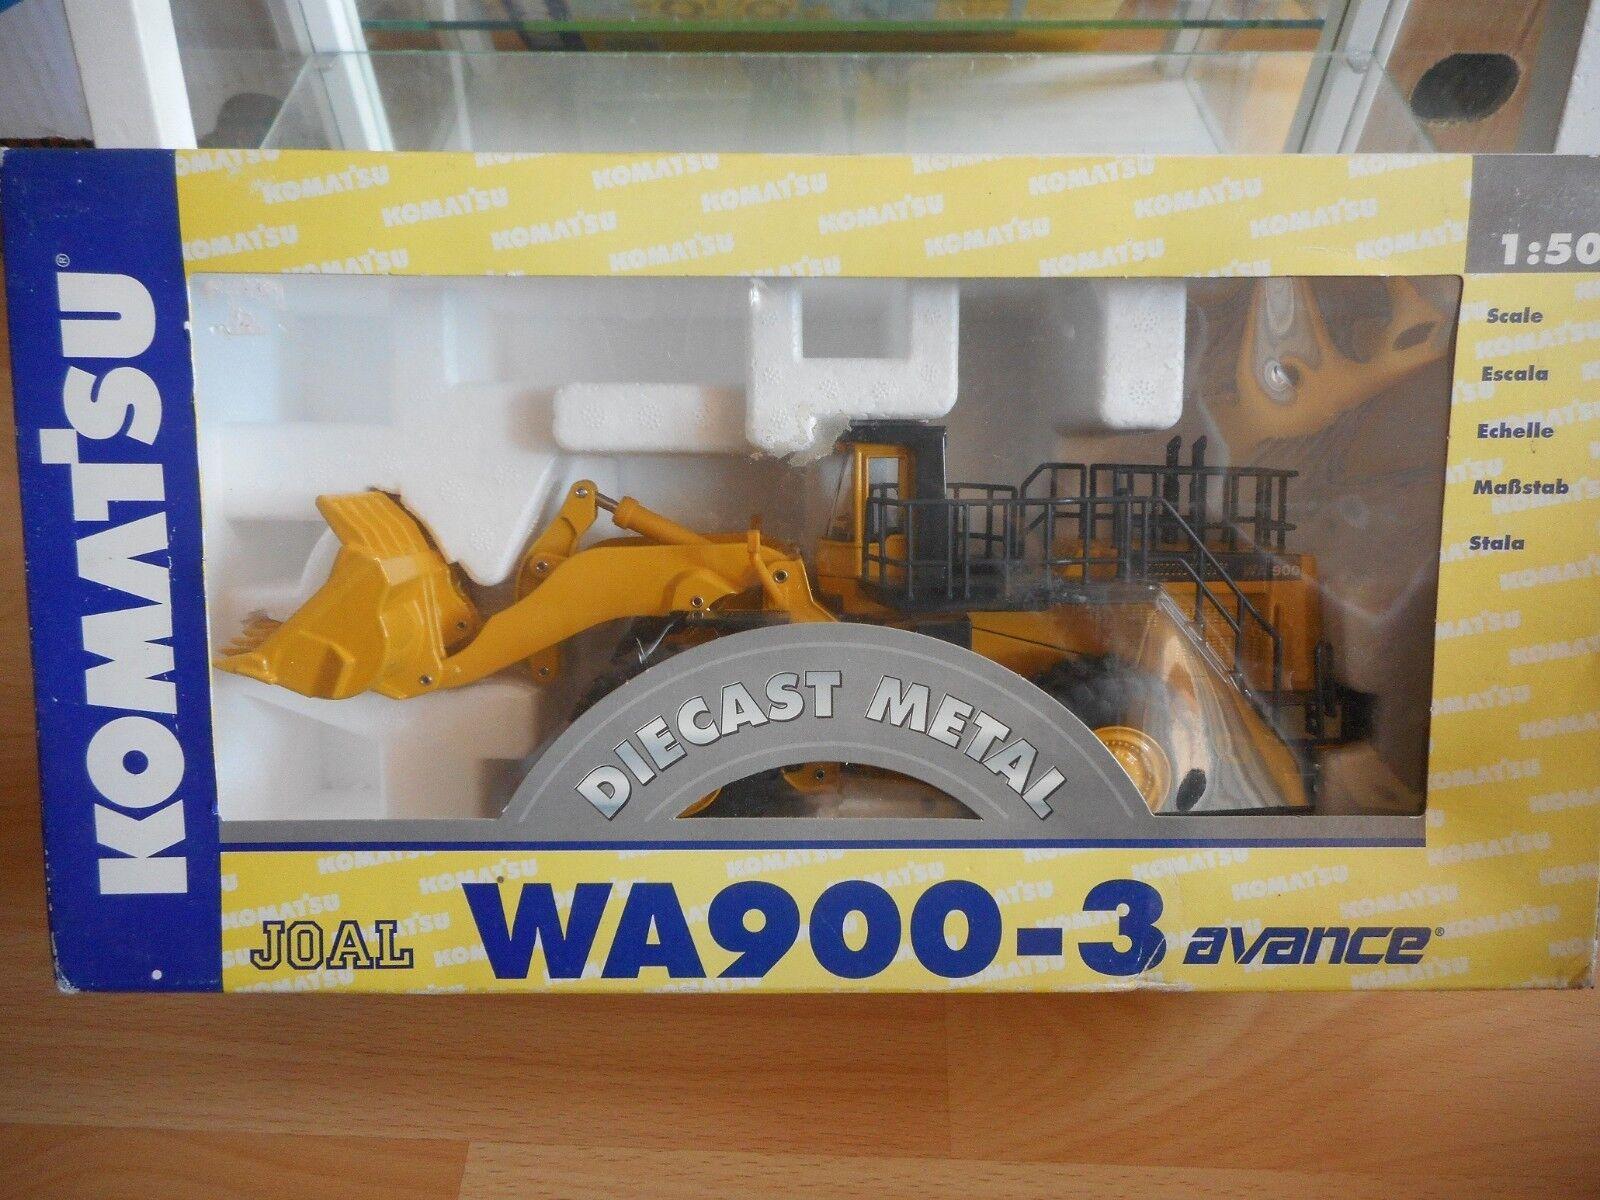 Joal Komatsu WA900-3 Avance Wheel Loader in giallo on 1:50 in Box  Ref 265